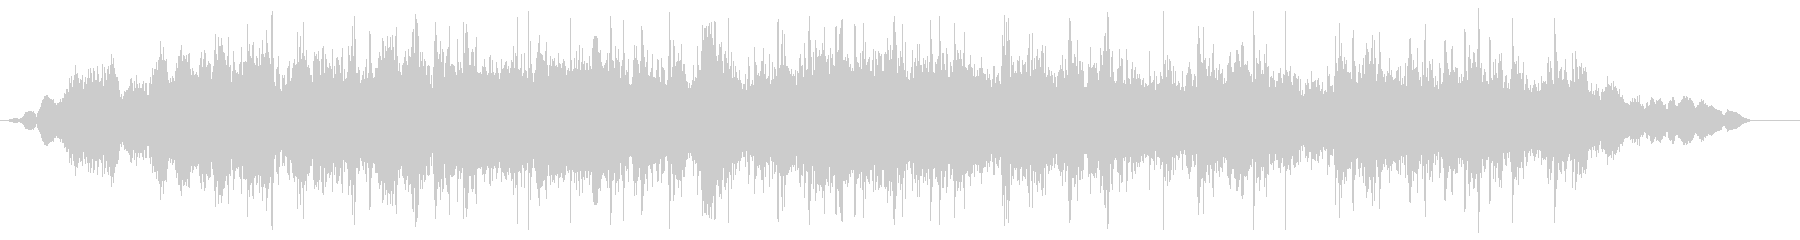 ジャー(流し台の音02)の未再生の波形